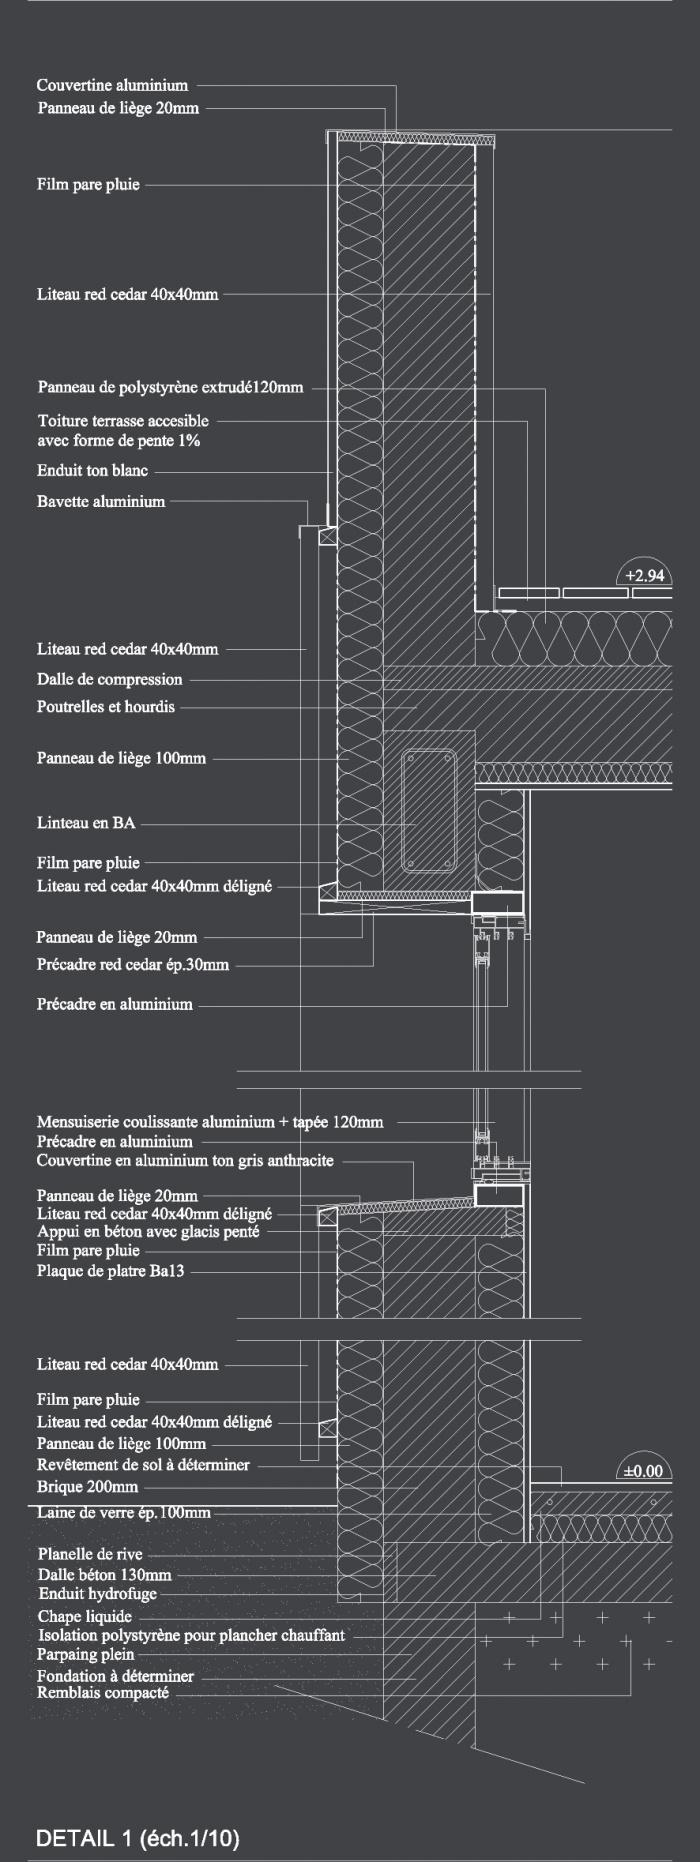 Maison contemporaine basse consommation : 09 Détail copie